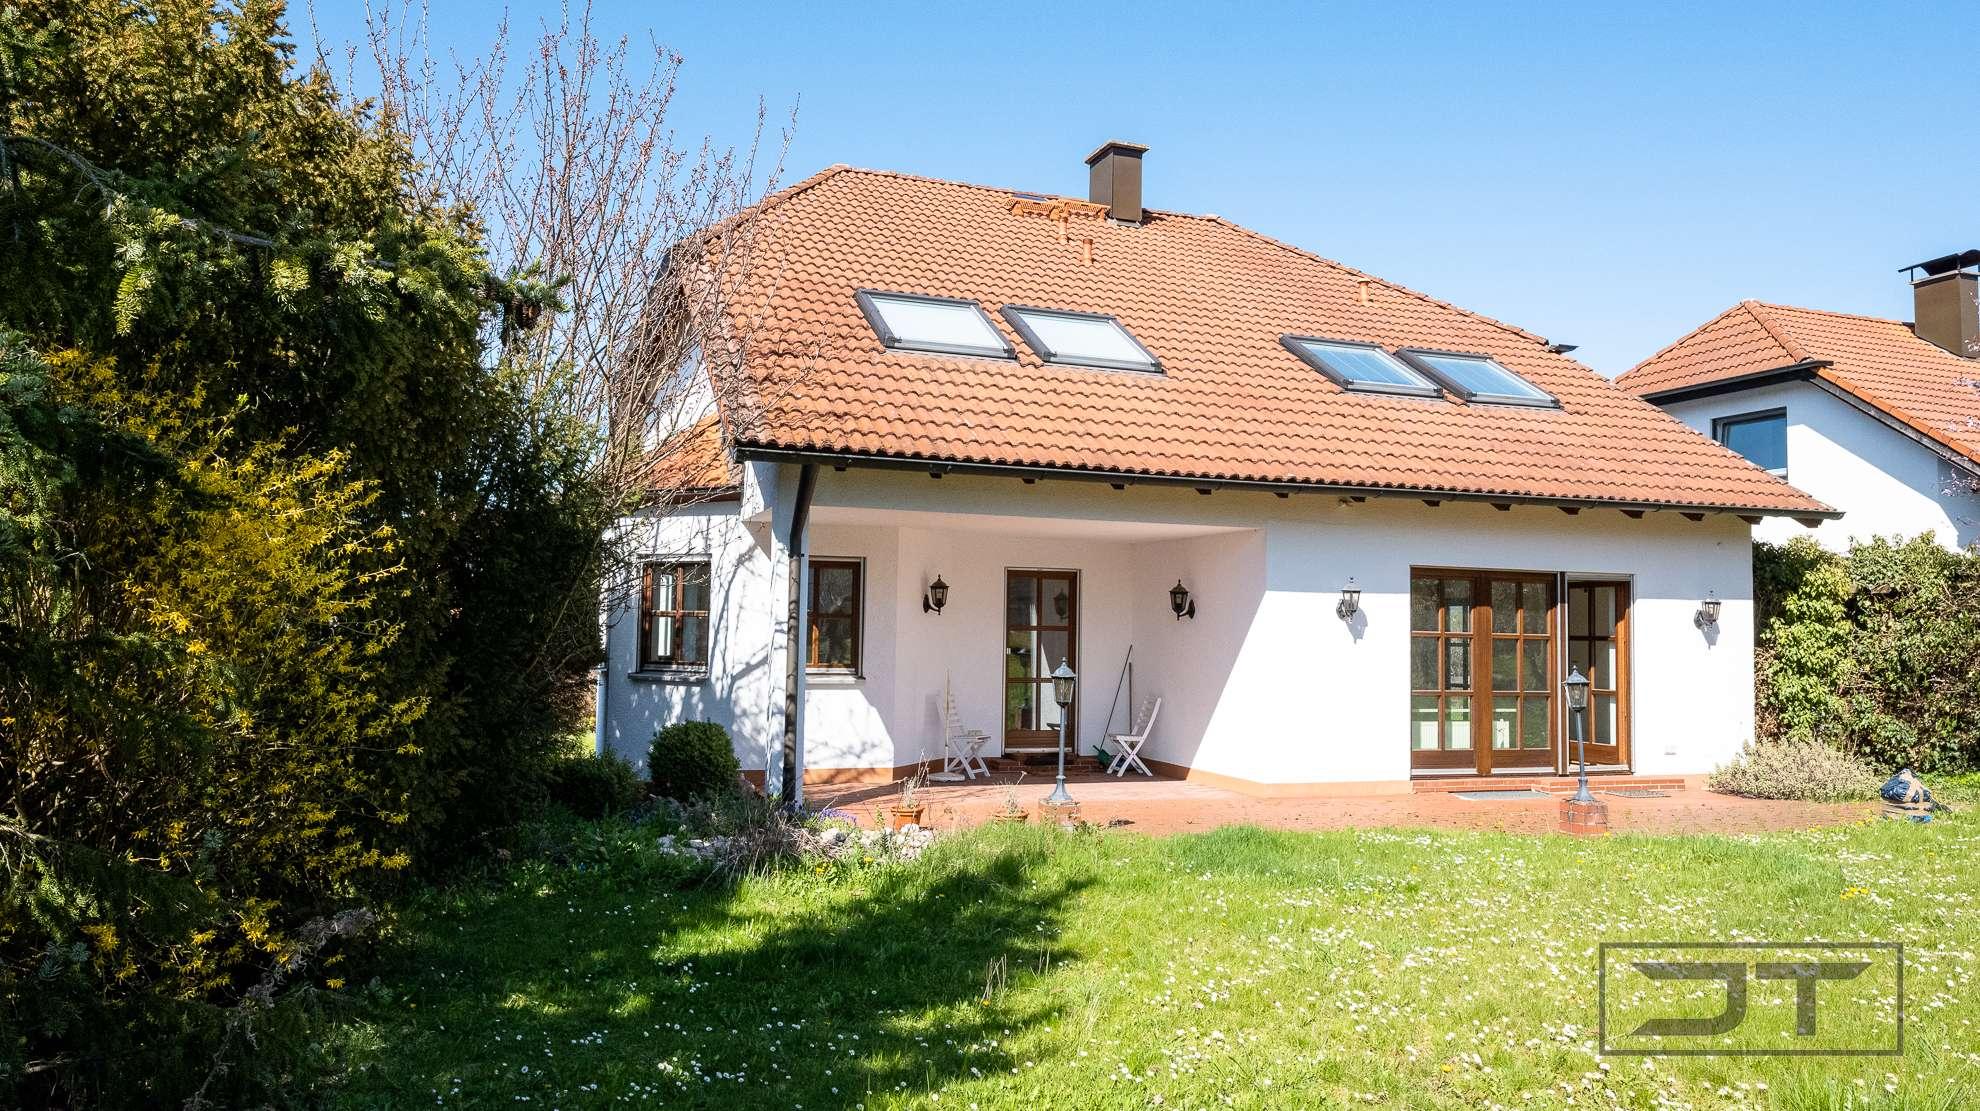 Attraktives Einfamilienhaus mit Garten in ruhiger Bayreuther Lage!